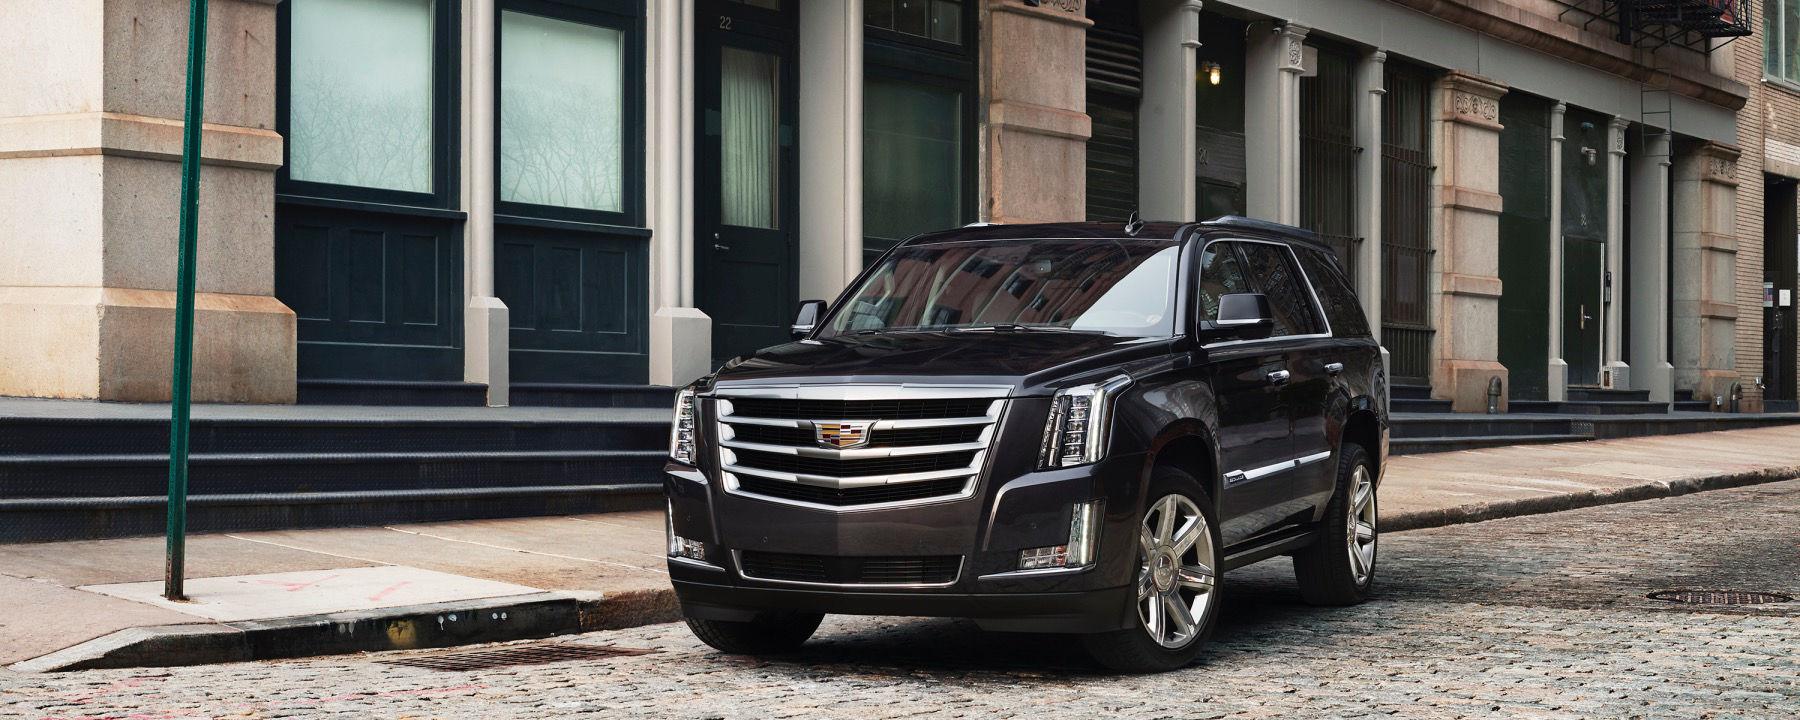 Cadillac kategorisi için resim